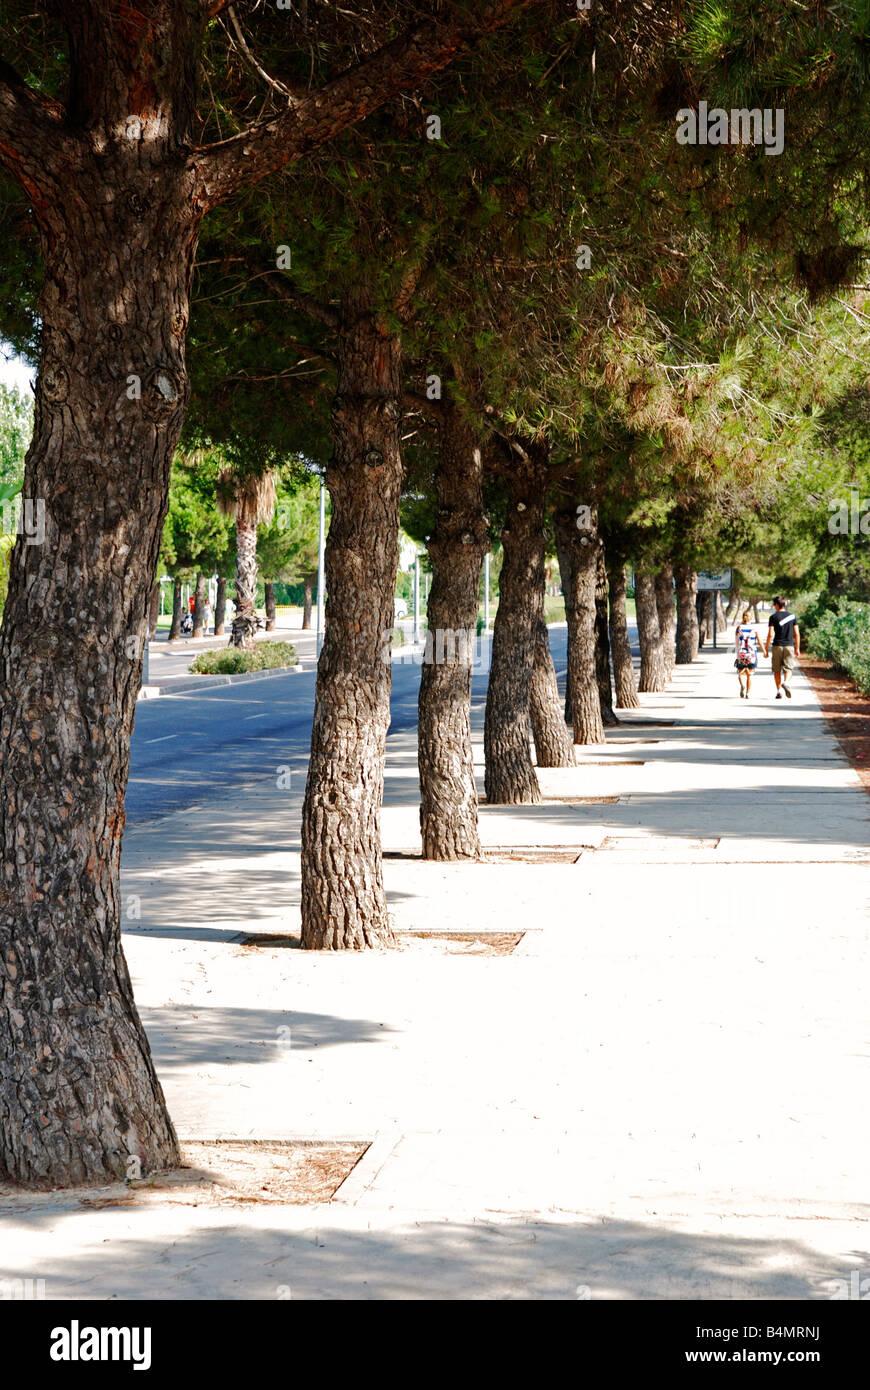 eine Reihe von Kiefern auf dem Bürgersteig in Salou, Spanien, bietet einige Schatten für Fußgänger Stockbild